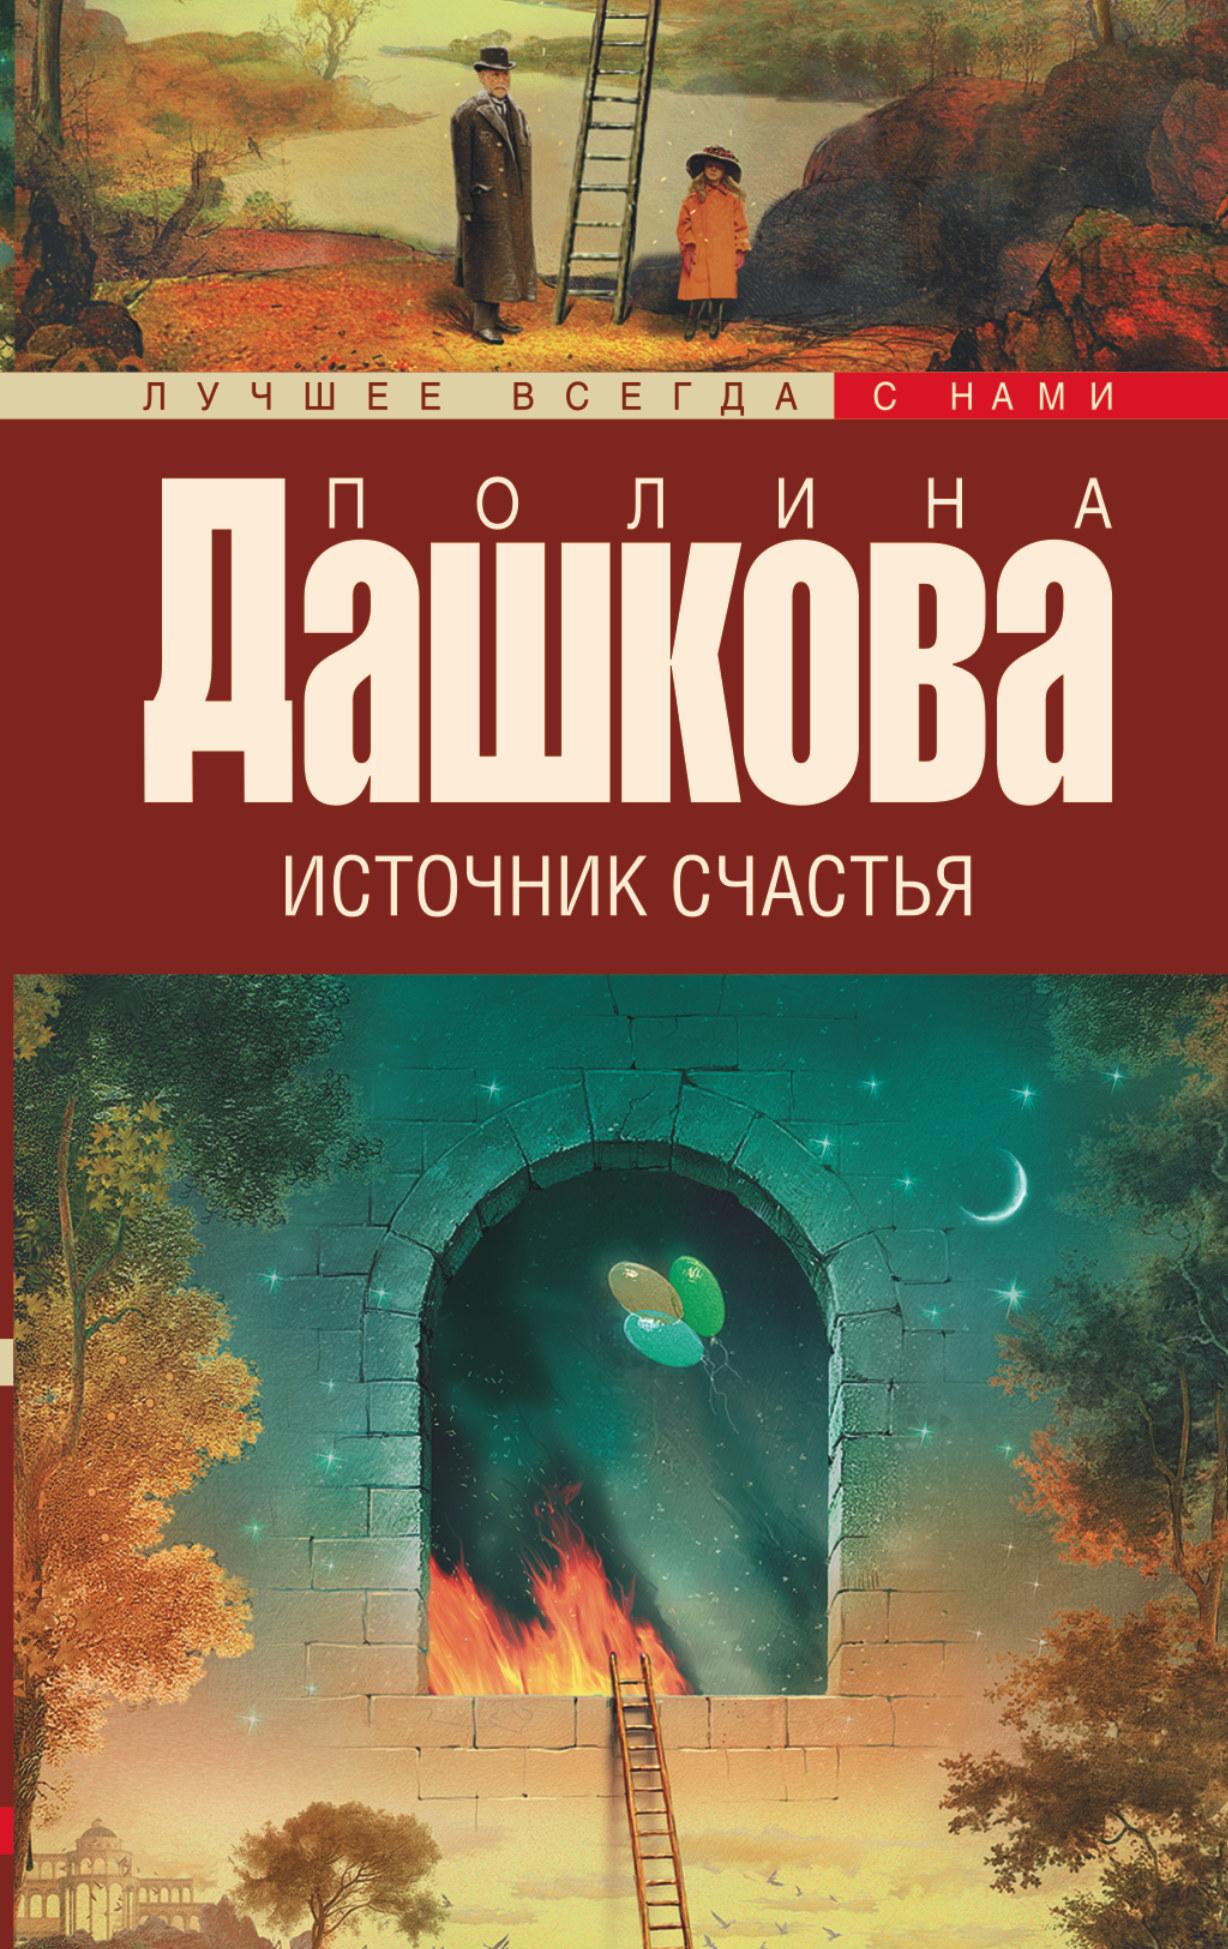 Дашкова П.В. Источник счастья. Кн. 1 митсубиси кольт зaпчaсти где в москве